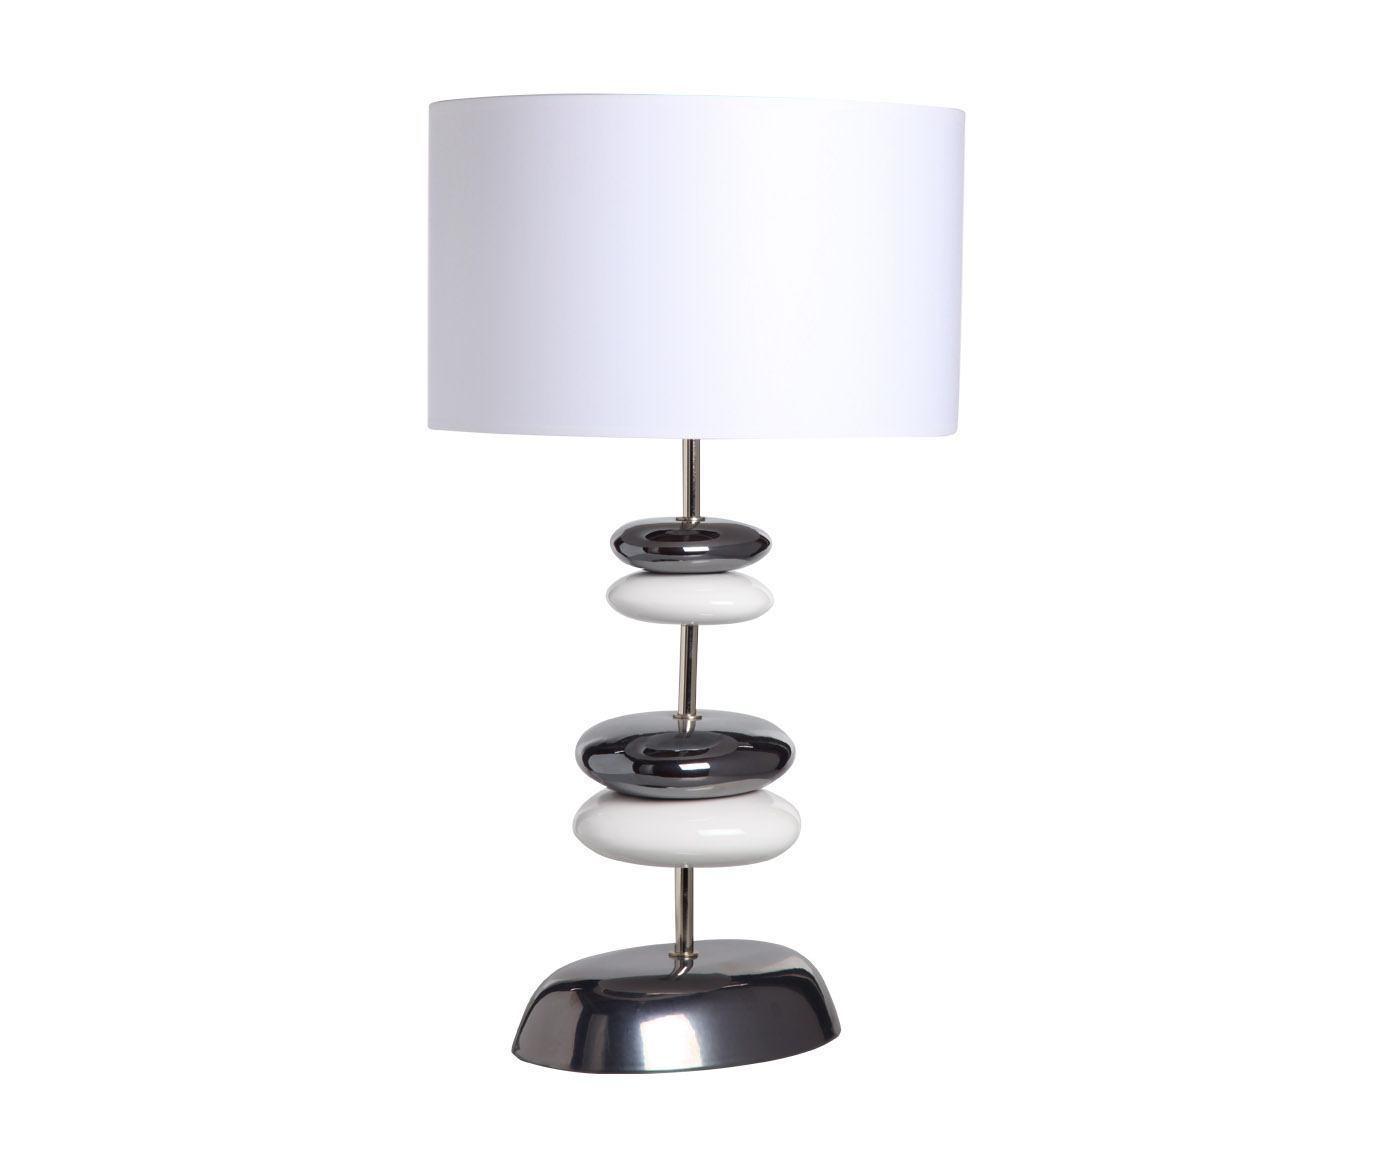 Элитная лампа настольная с керамическими дисками от Sporvil